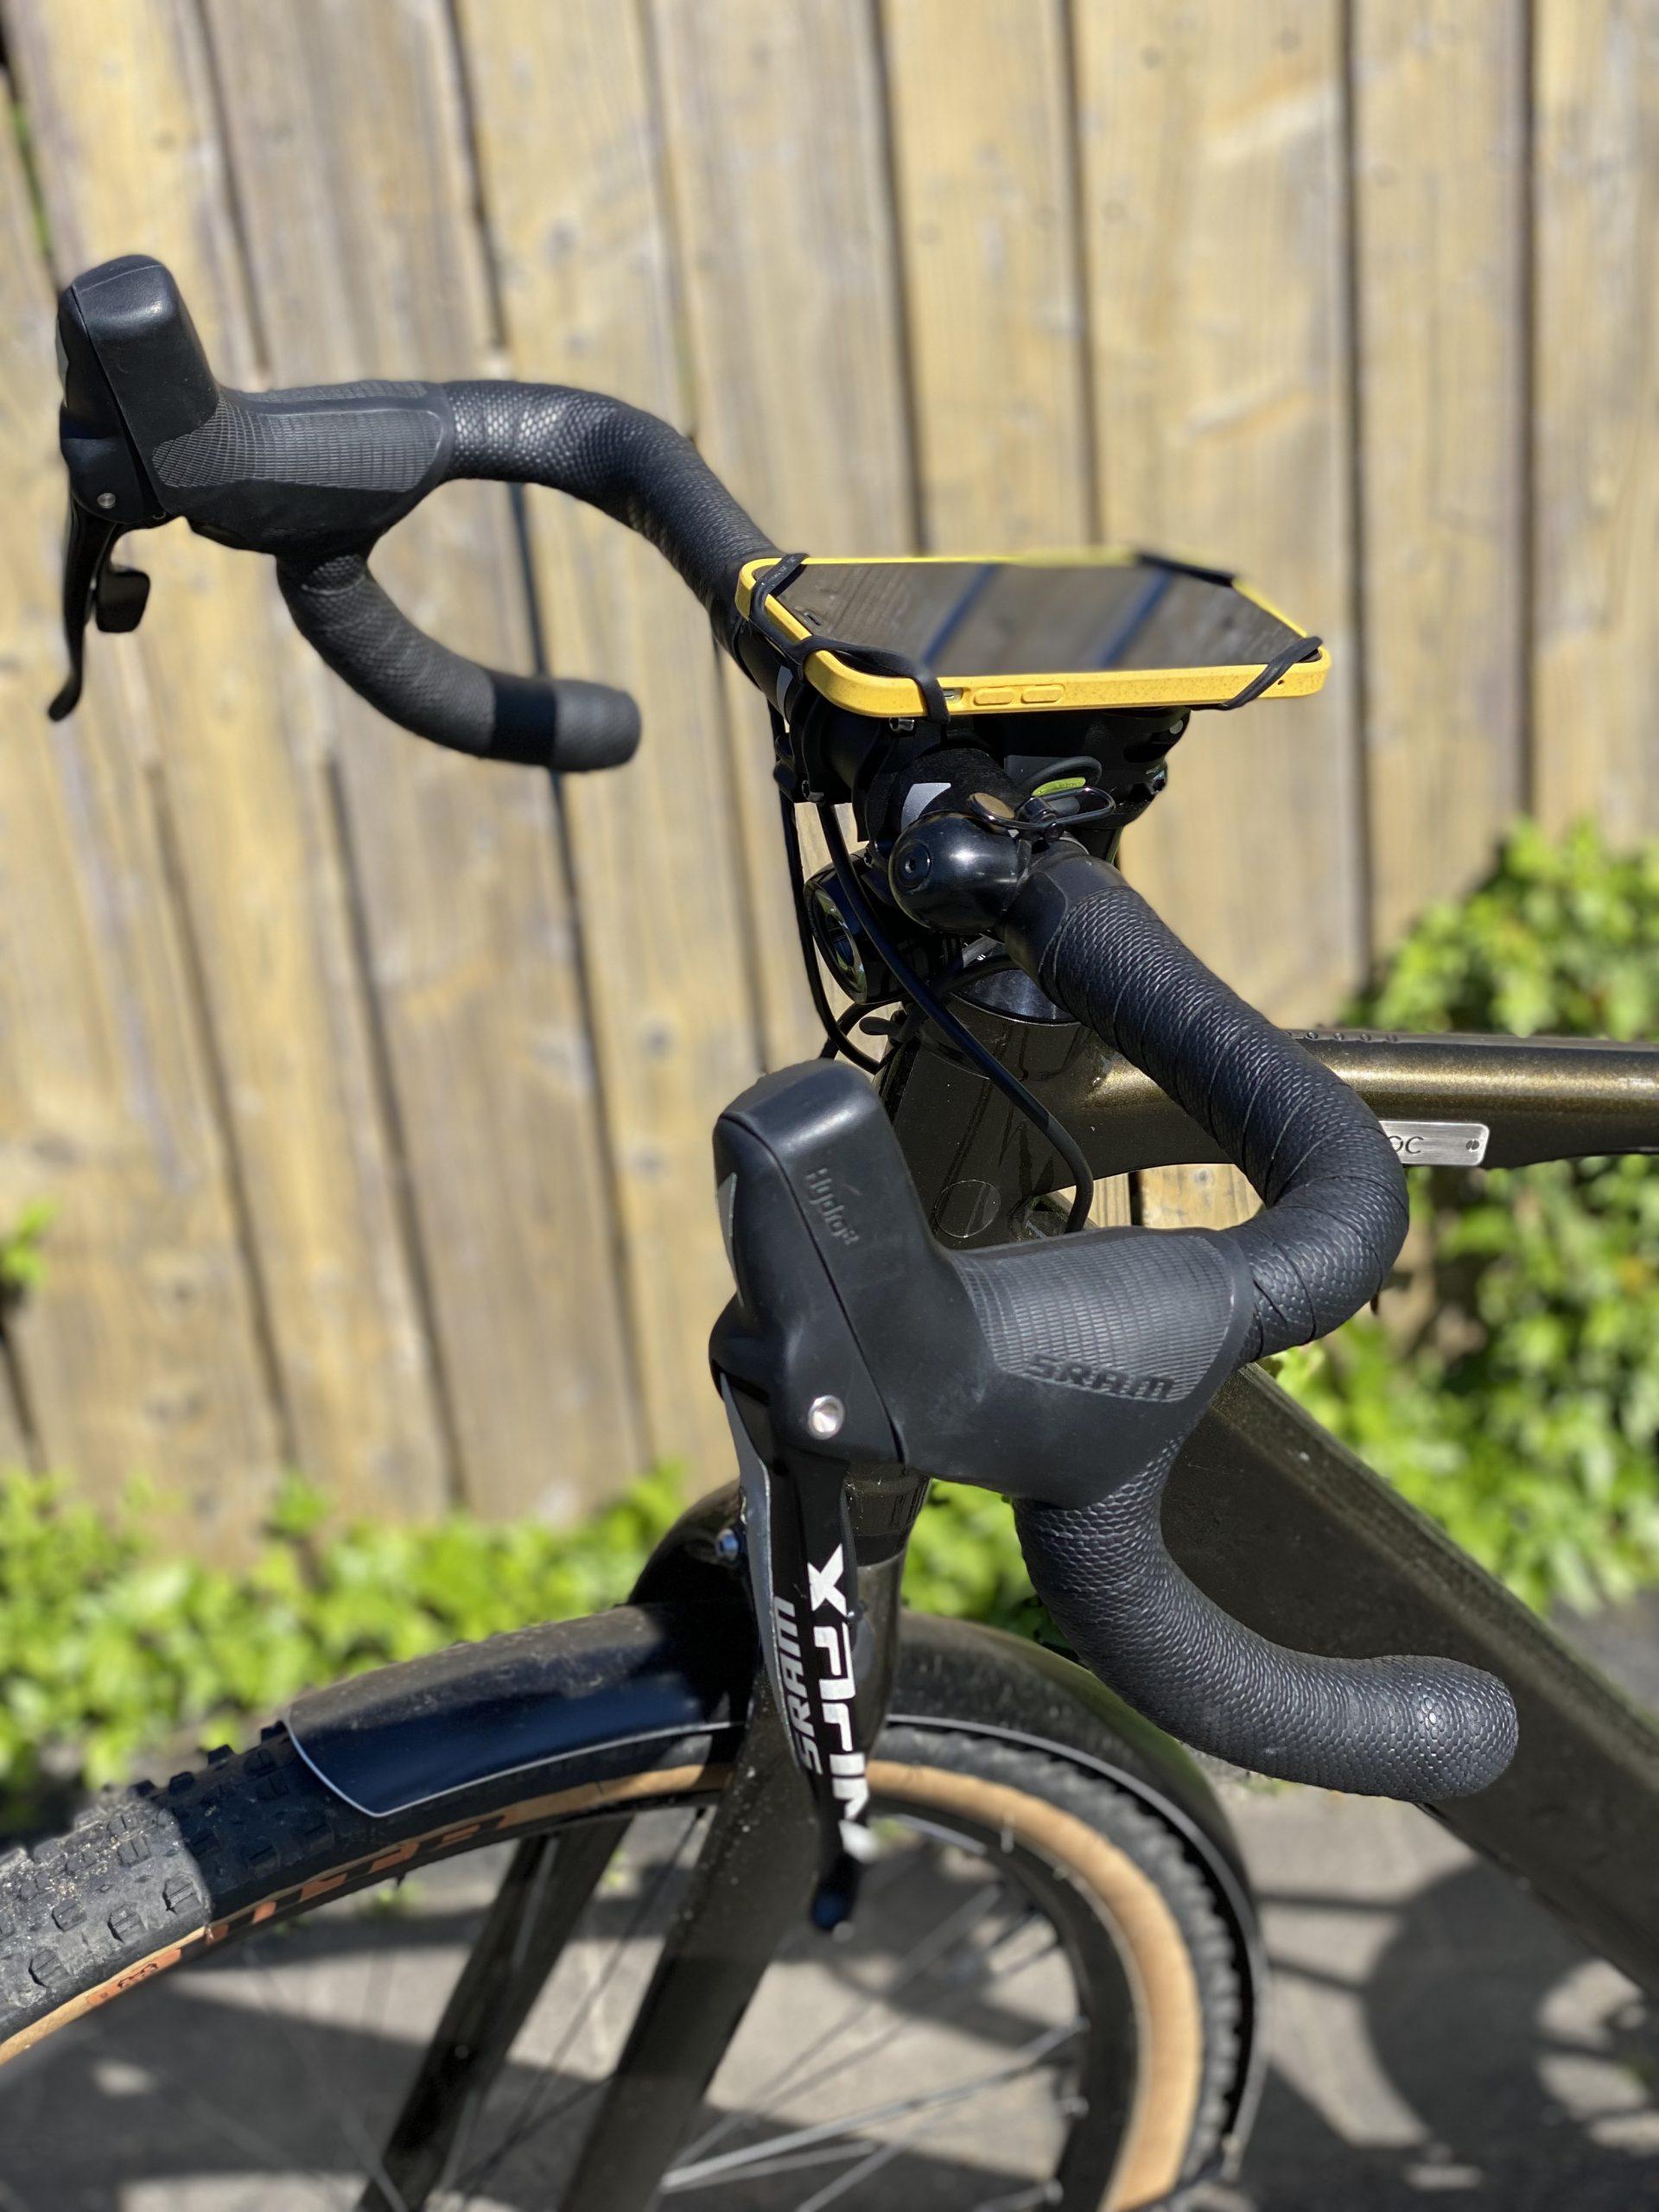 Bone Bike Tie Pro 2 - Fahrradhalterung für das Smartphone